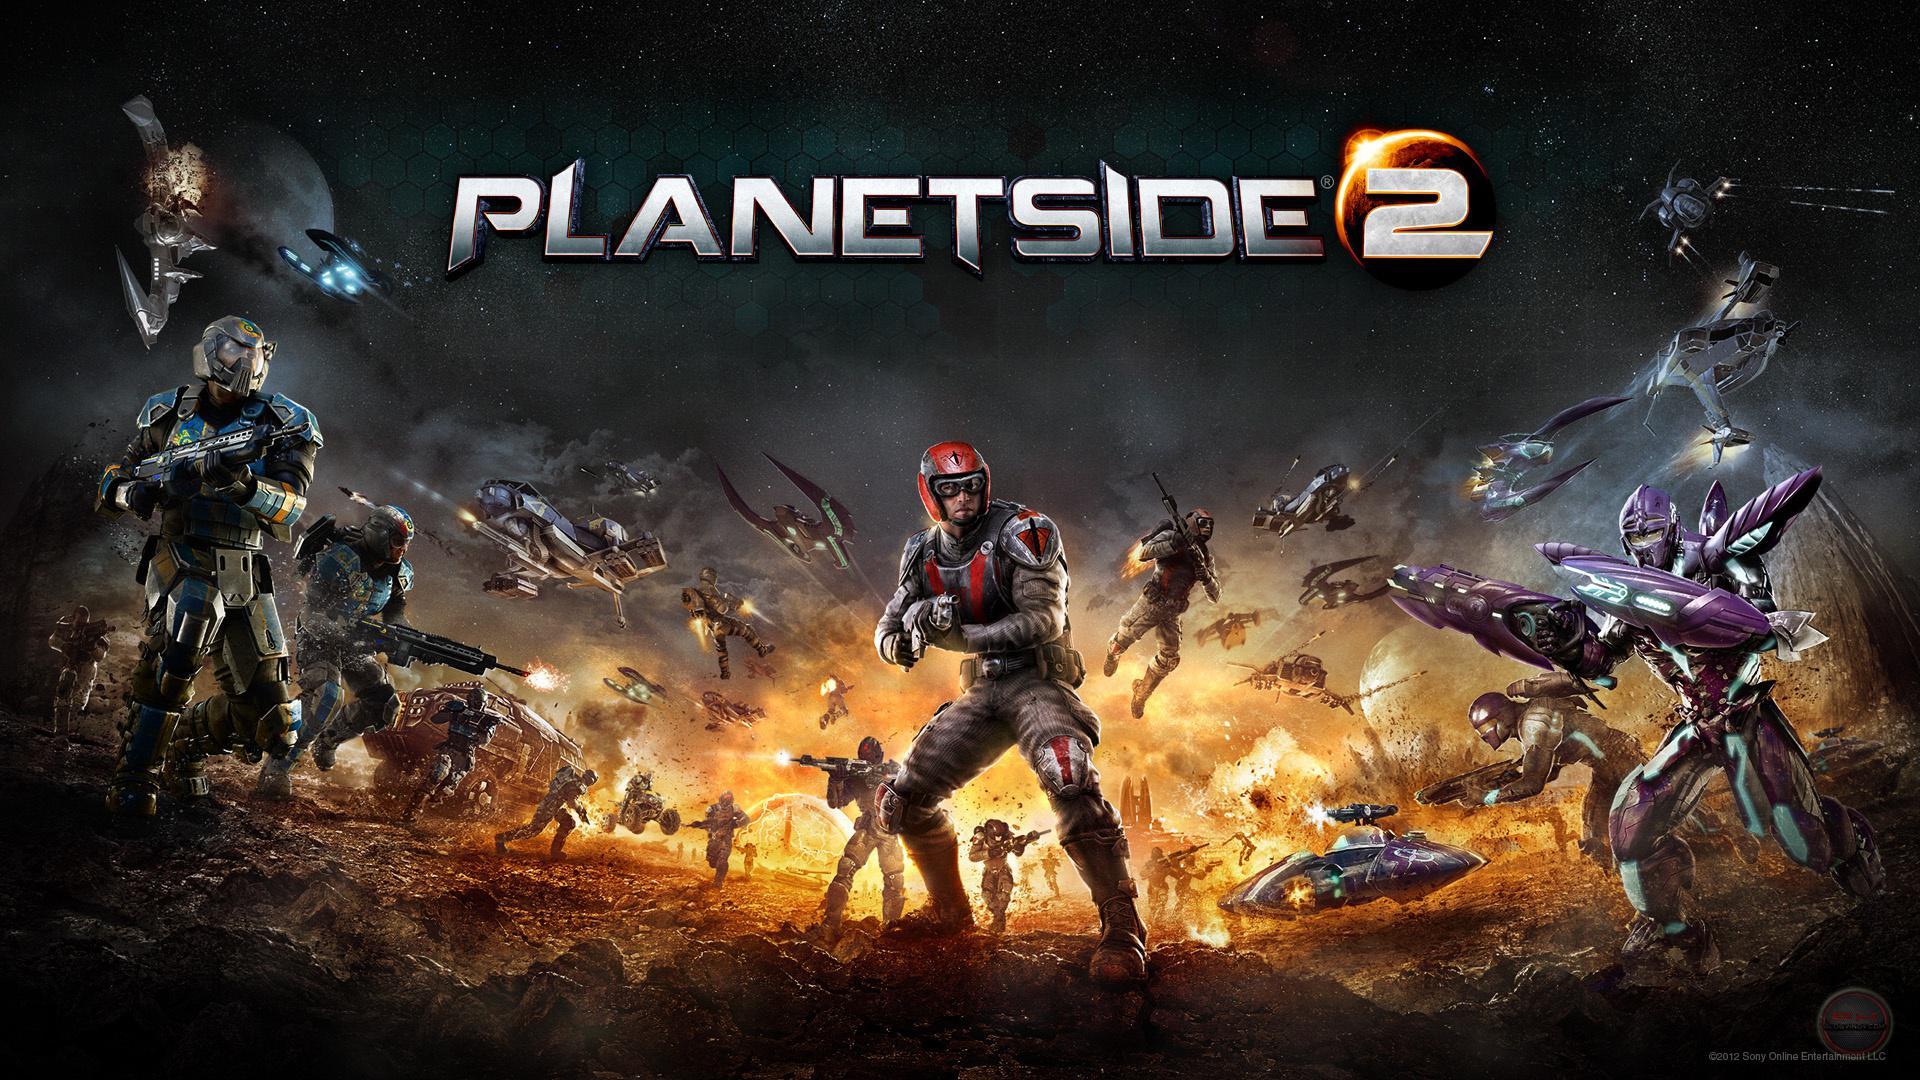 Planetside-2-wallpaper-010